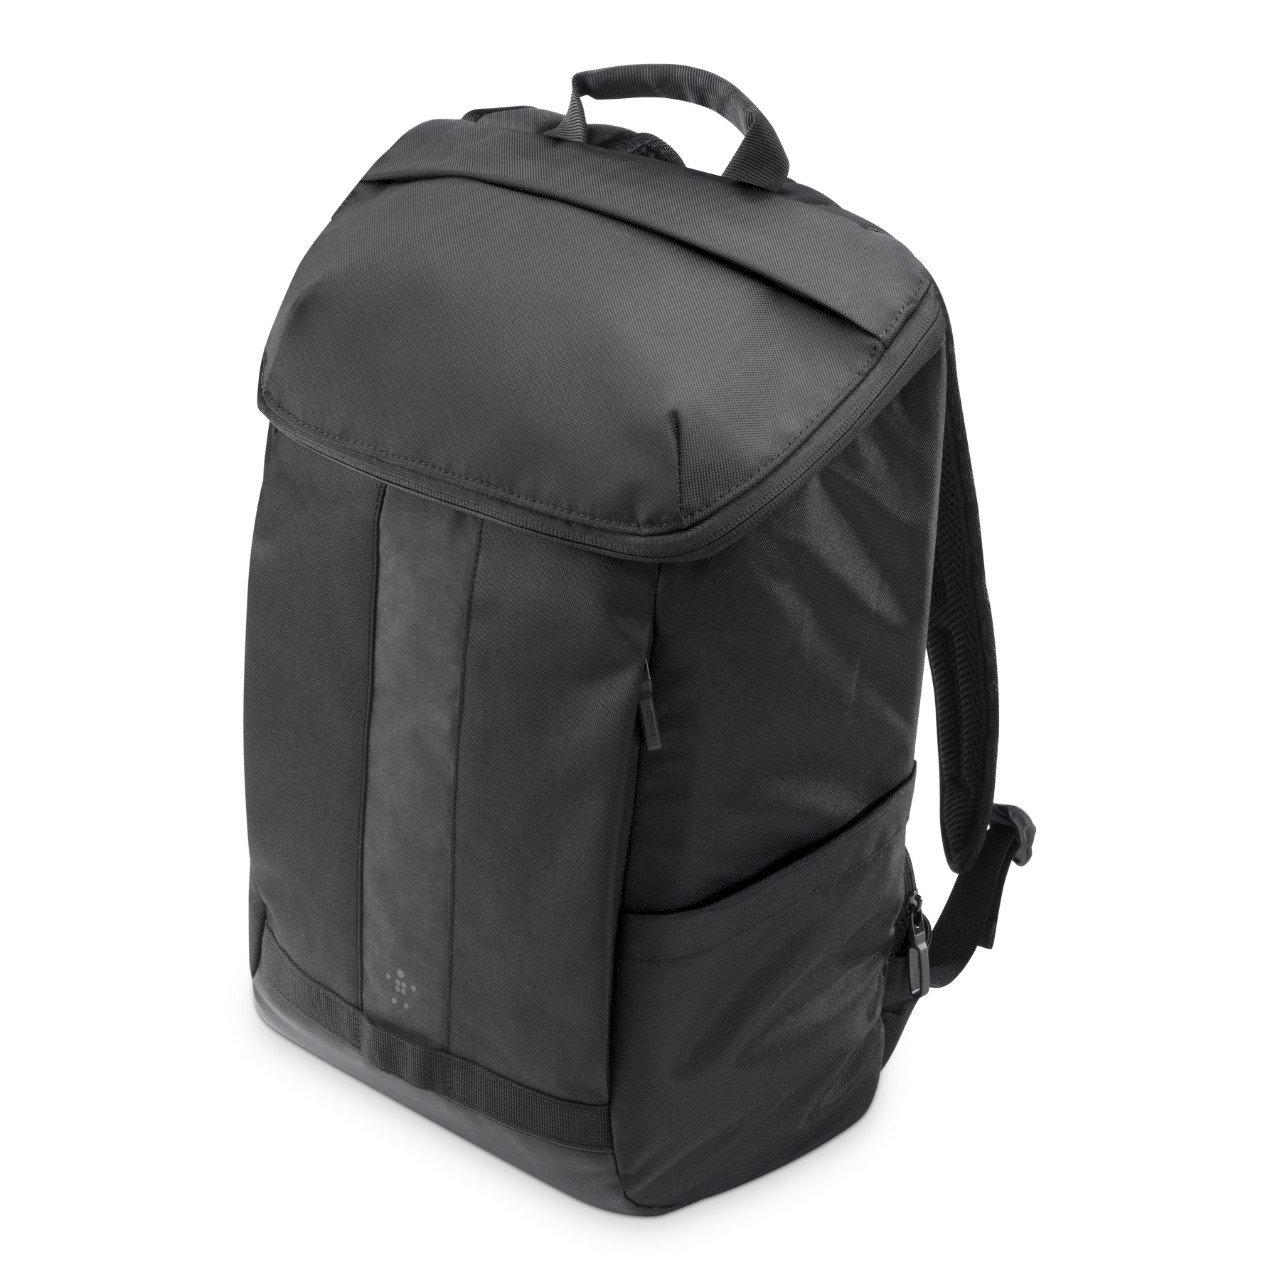 Belkin Active Pro 15.6-inch Laptop Backpack (Black)